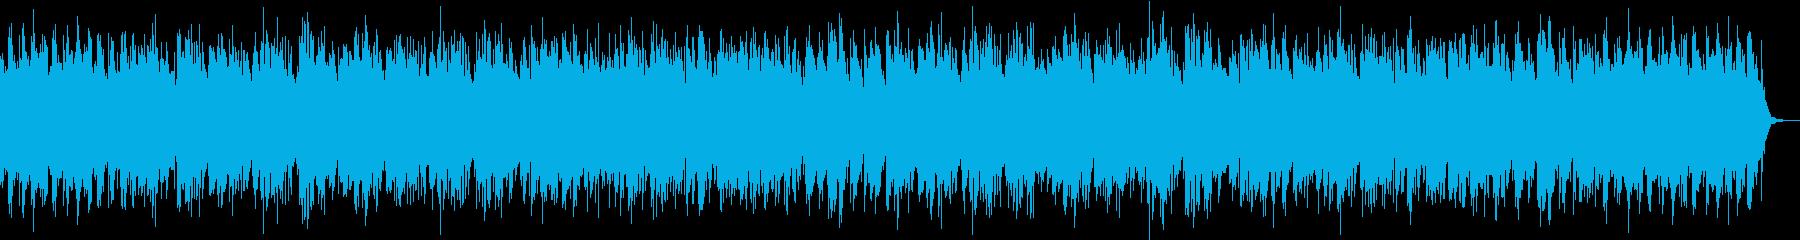 ゆったりと落ち着いた雰囲気のボサノバの再生済みの波形